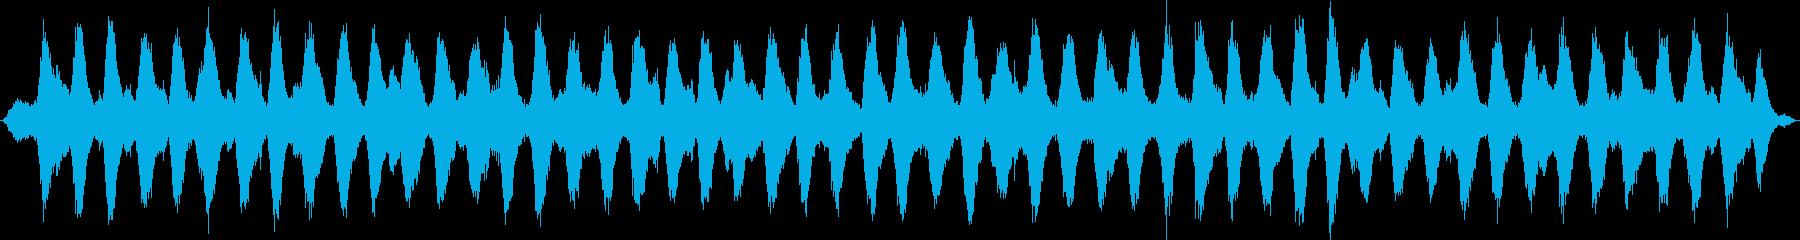 5分間の波音・海・浜辺・海風の再生済みの波形